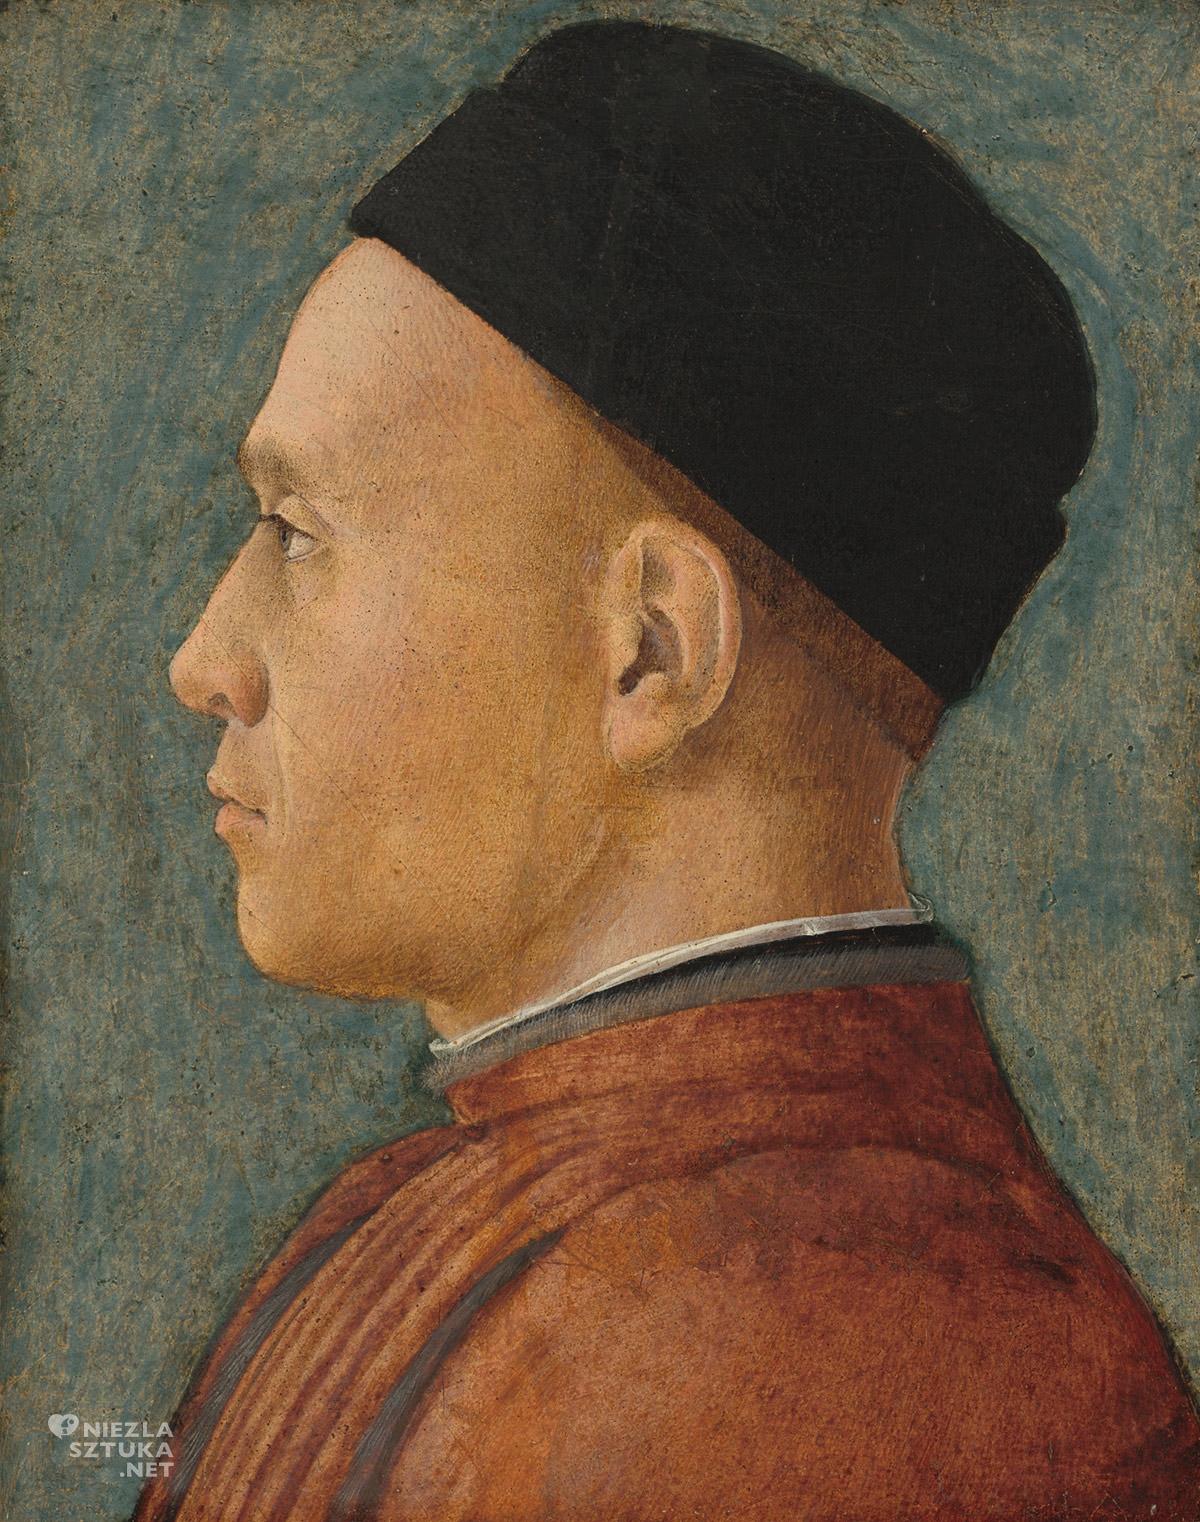 Andrea Mantegna, Portret mężczyzny, sztuka włoska, Niezła sztuka